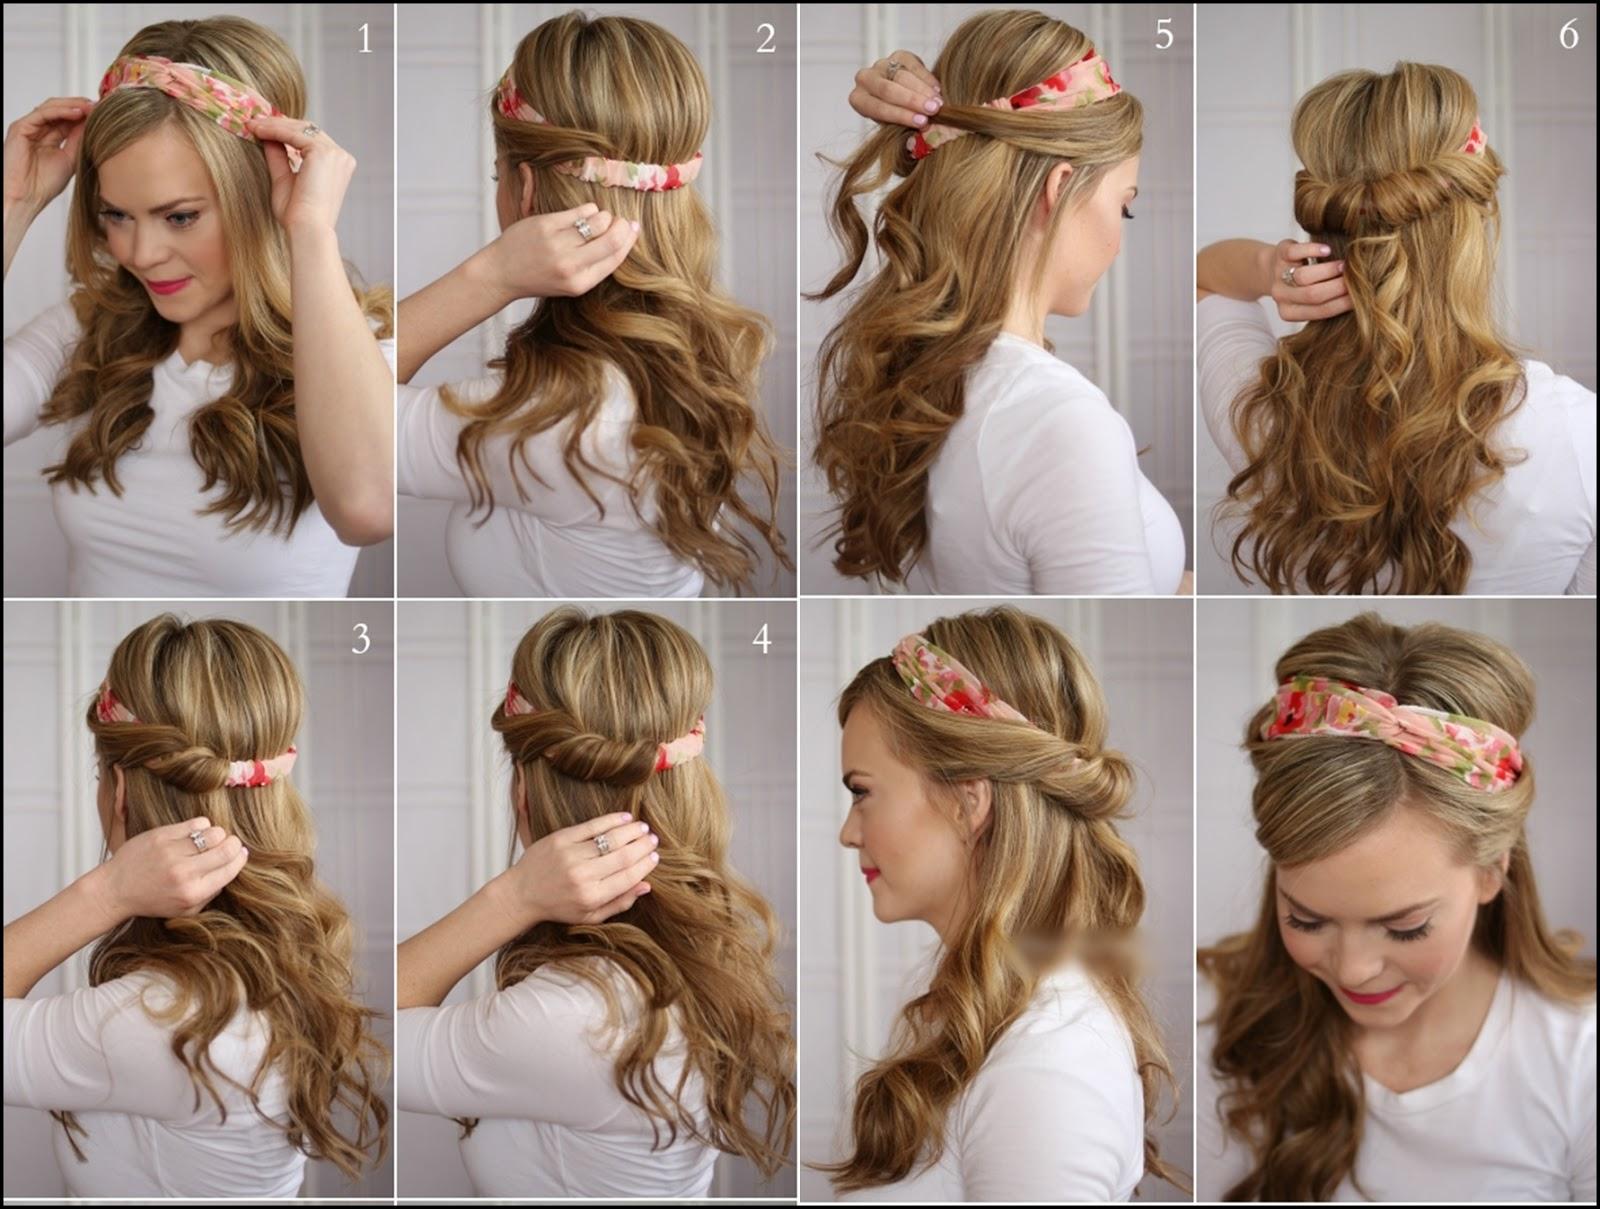 Как сделать причёску за 3 минуты